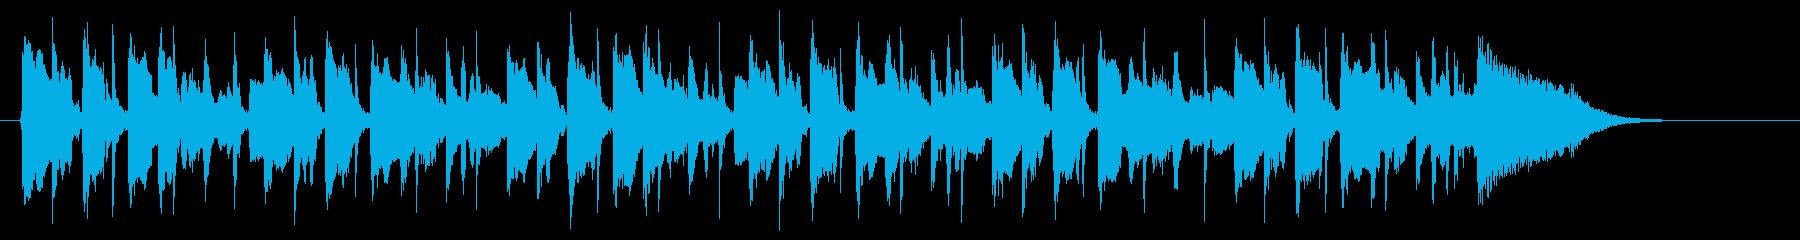 和やかで明るいリラクゼーション音楽の再生済みの波形